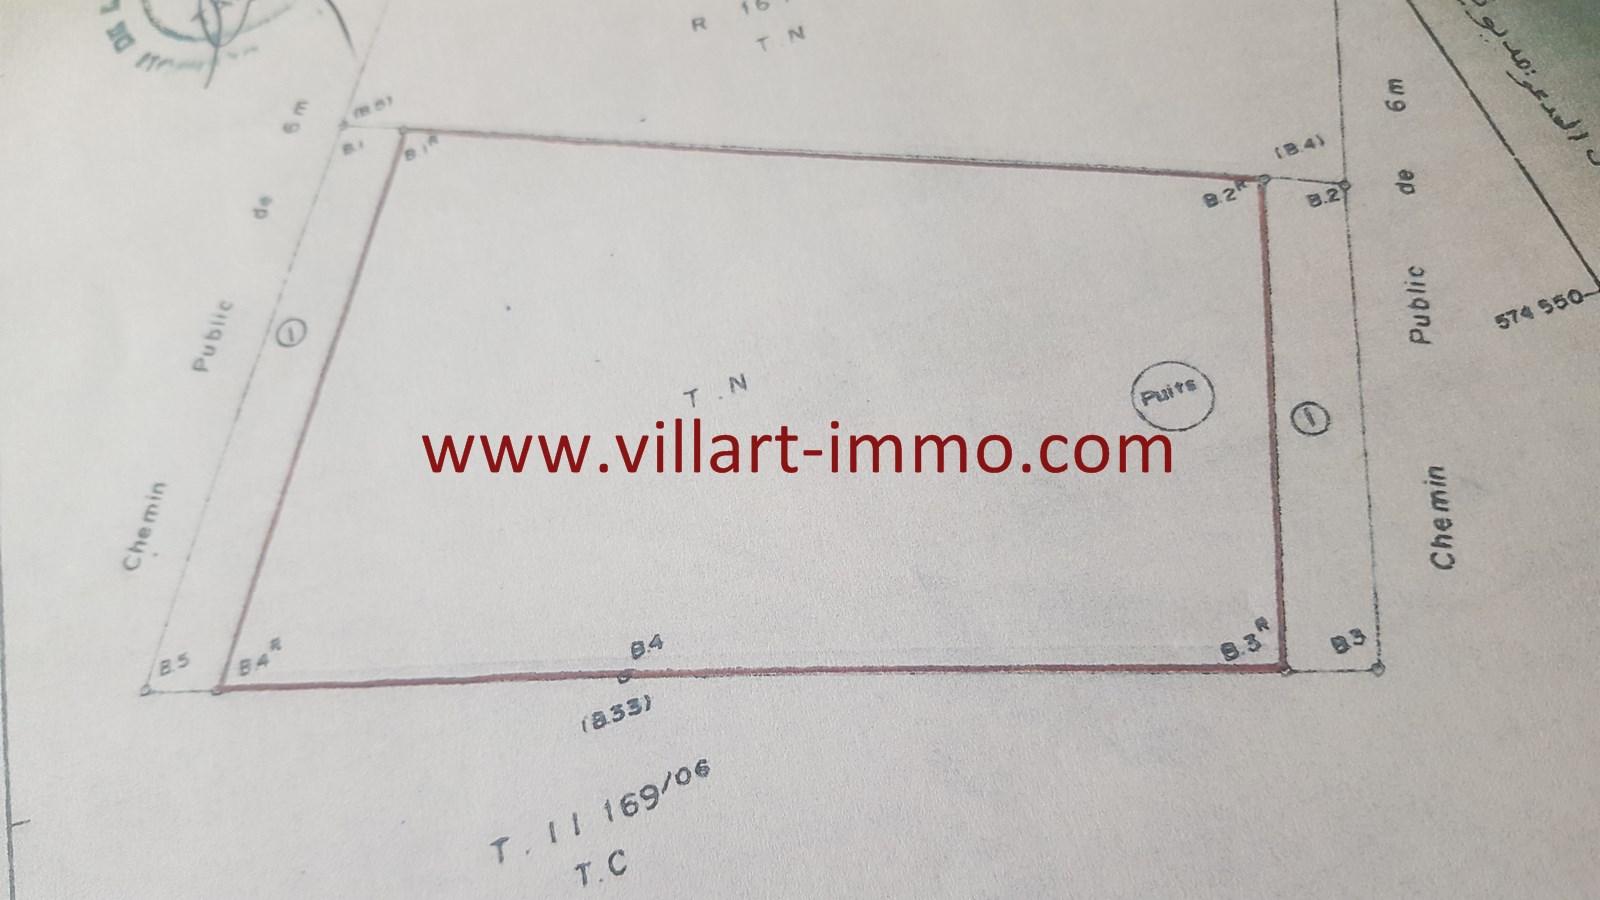 2-Vente-Terrain-Tanger-Mediouna-VT25-Villart Immo